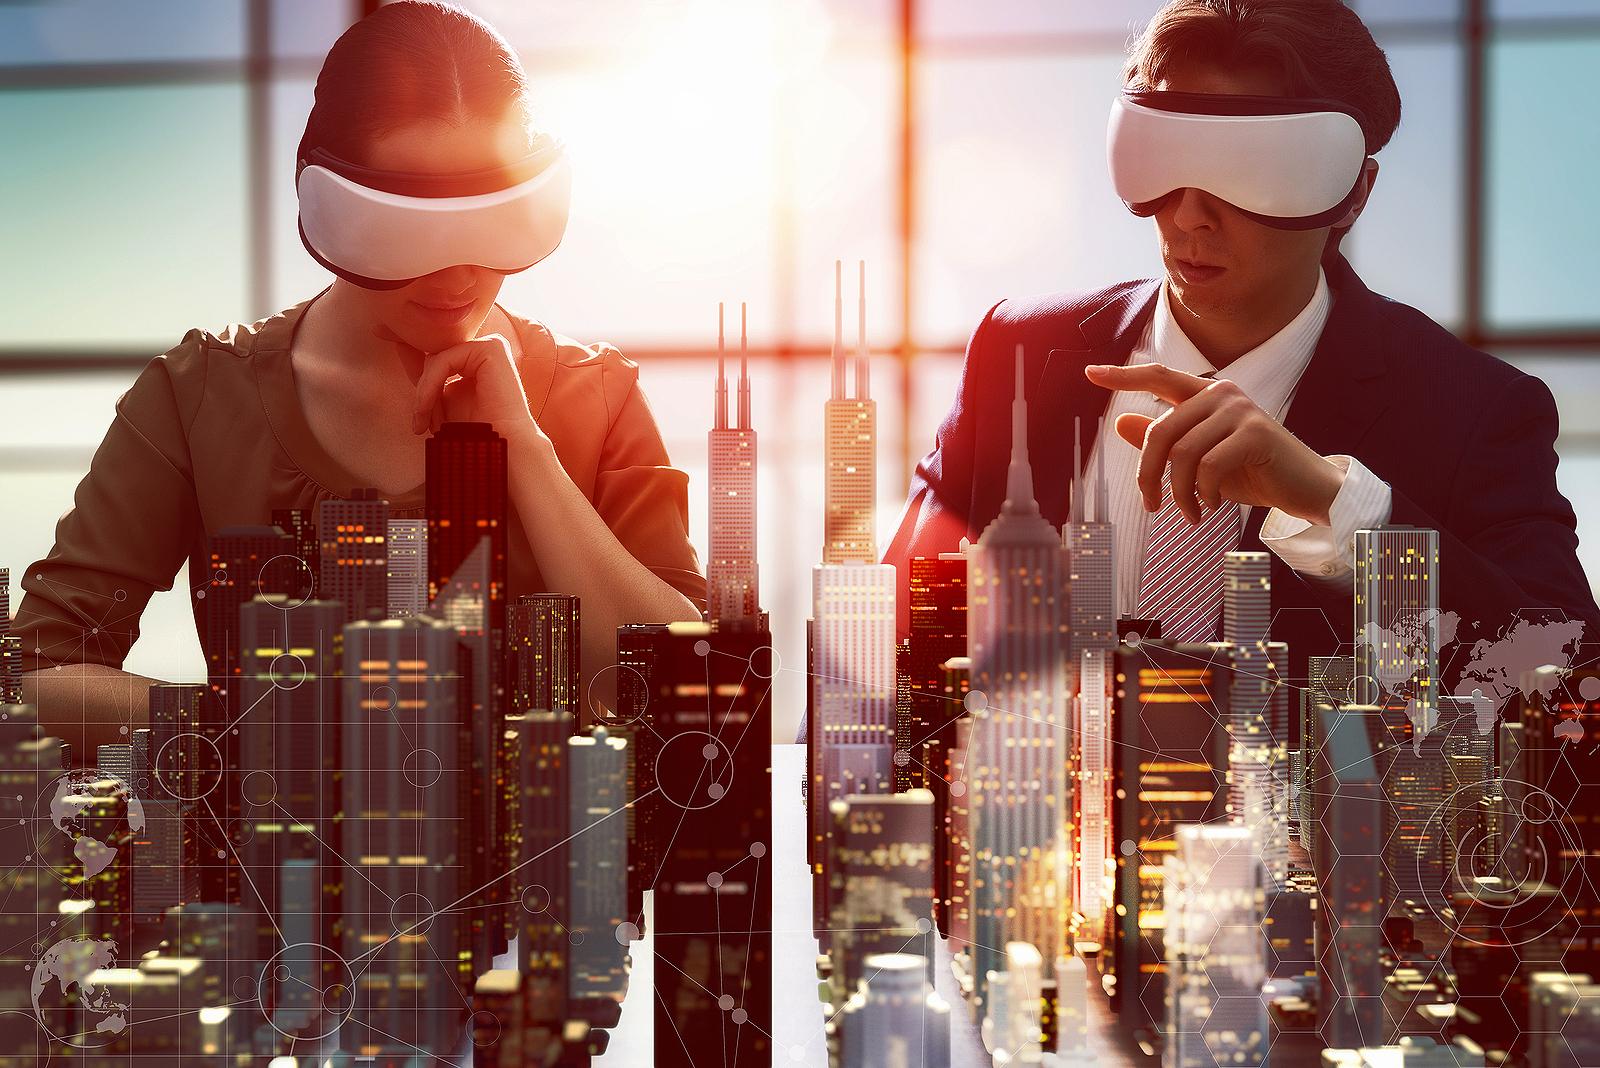 Startups que trabalham com realidade aumentada e realidade virtual estão entre as que se destacam no novo mundo da construção. Crédito: Divulgação